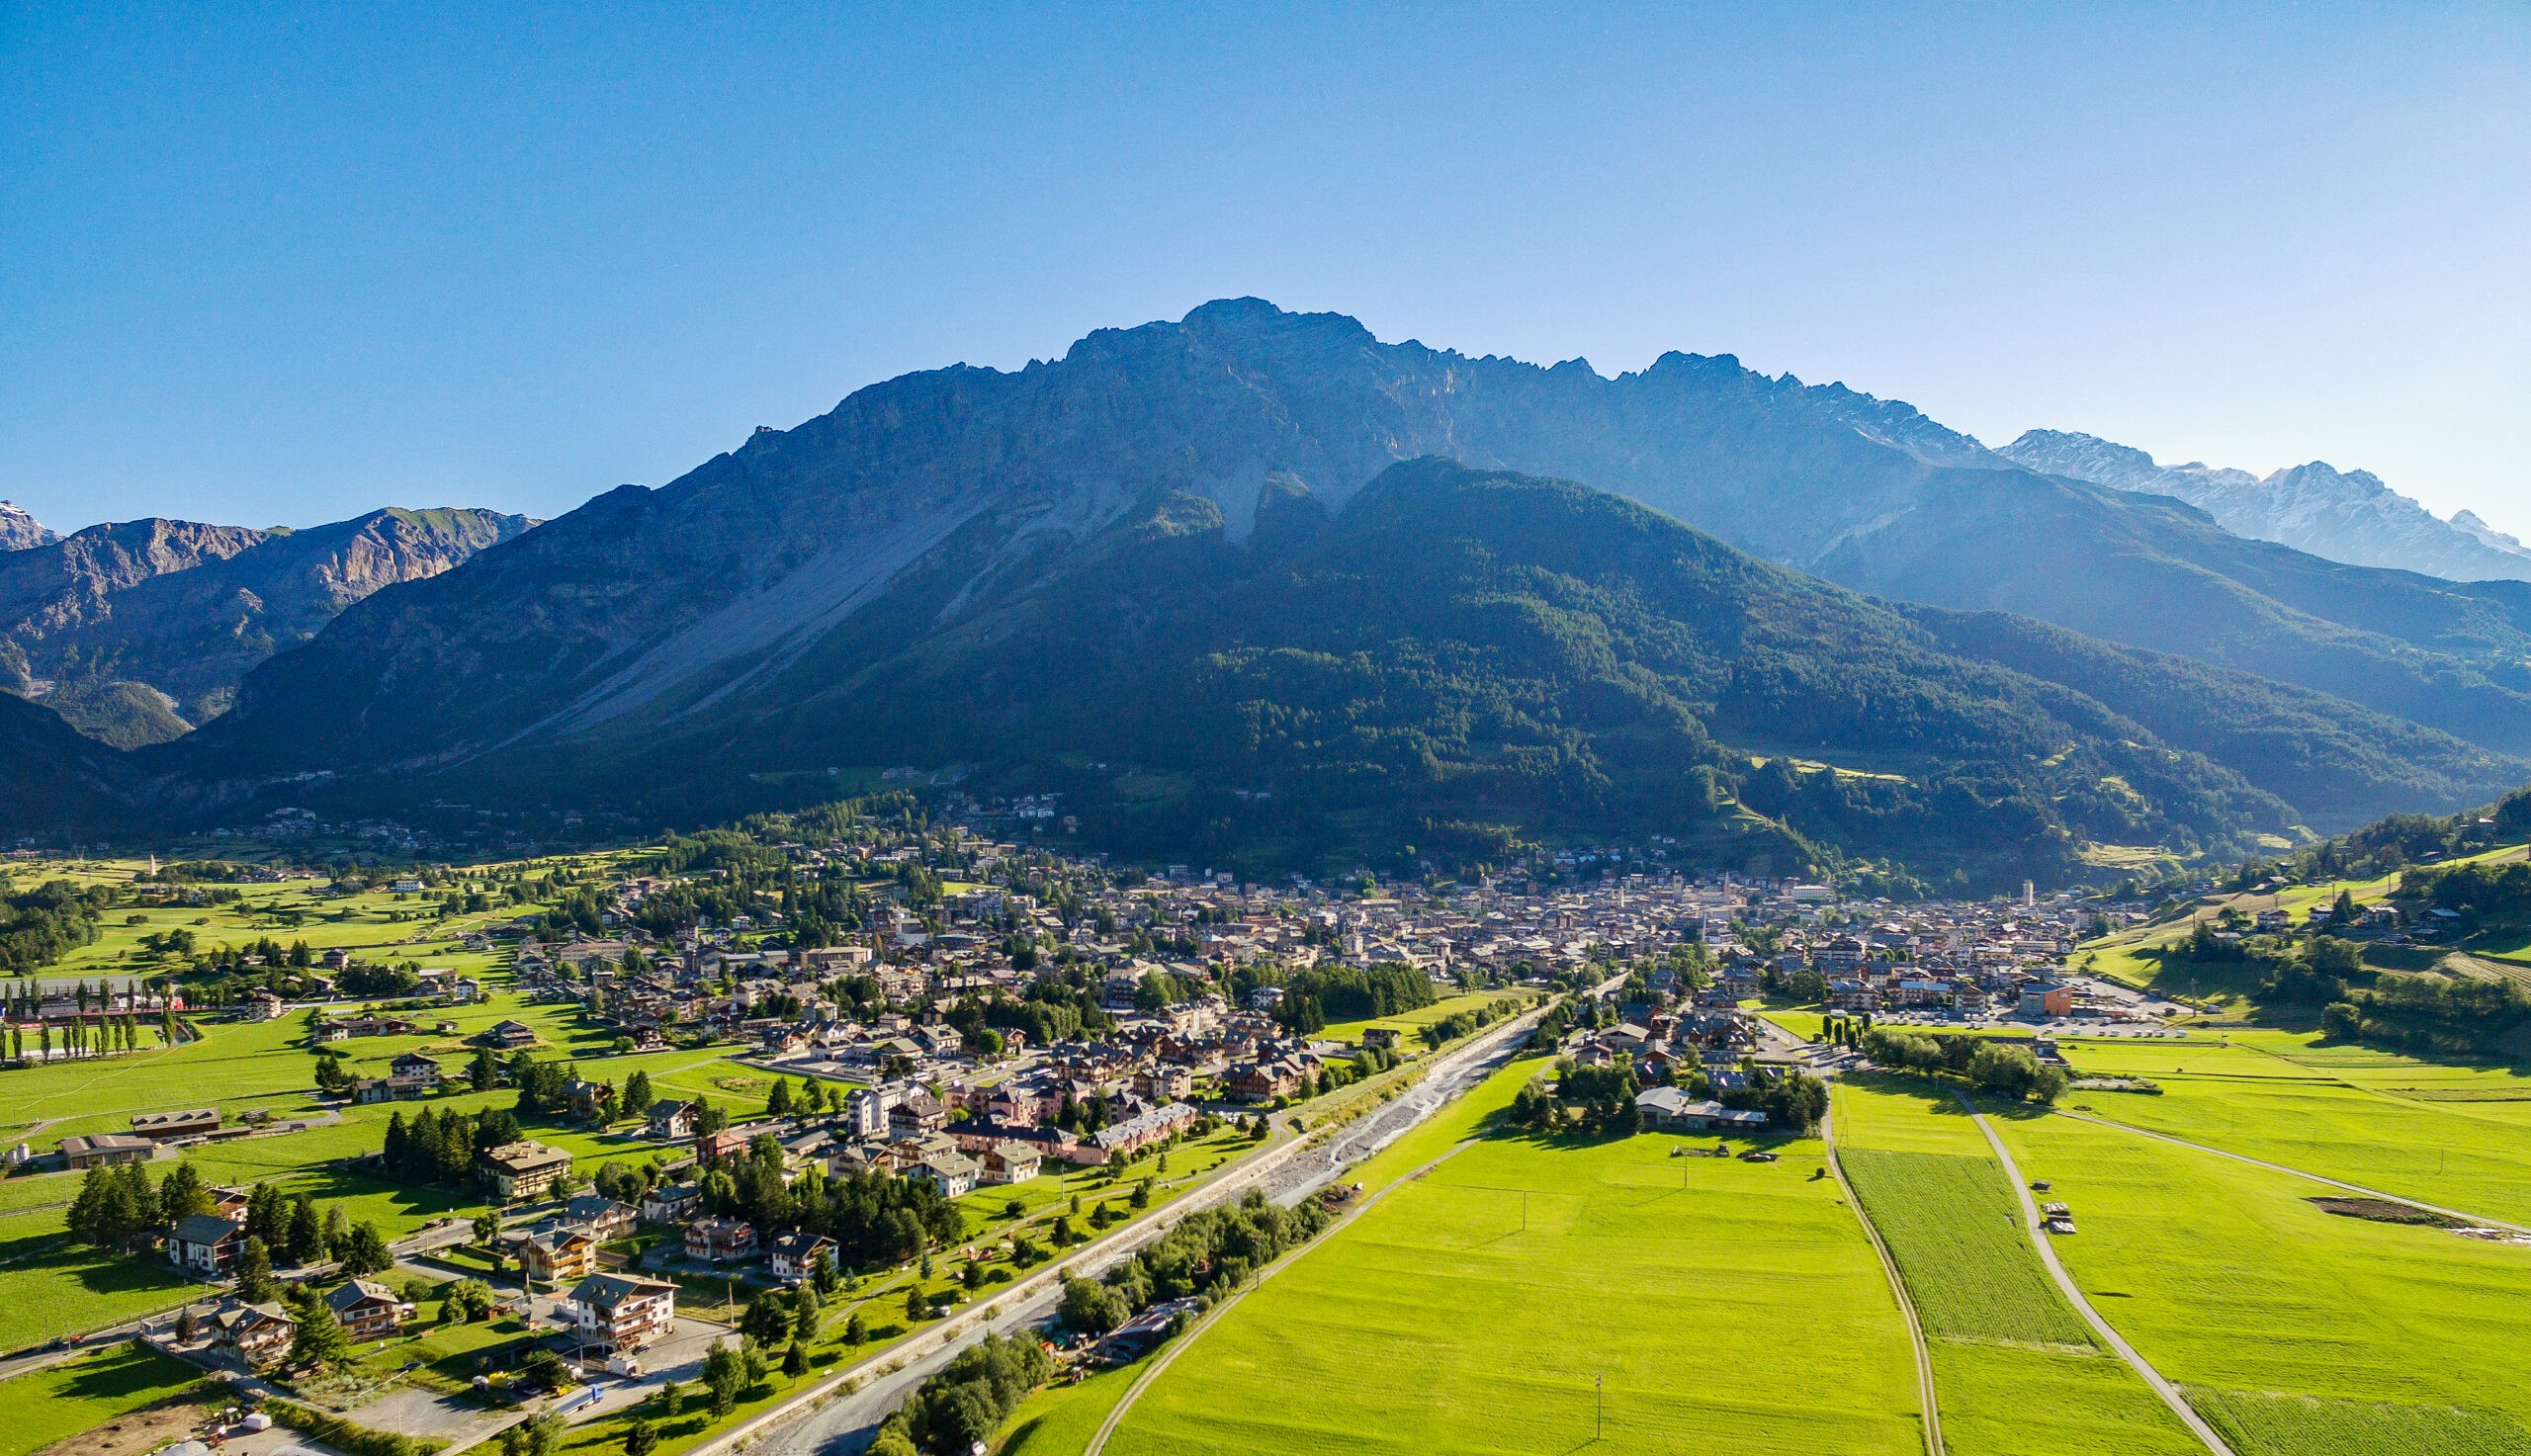 Bormio (IT) - Panoramiczny widok z lotu ptaka